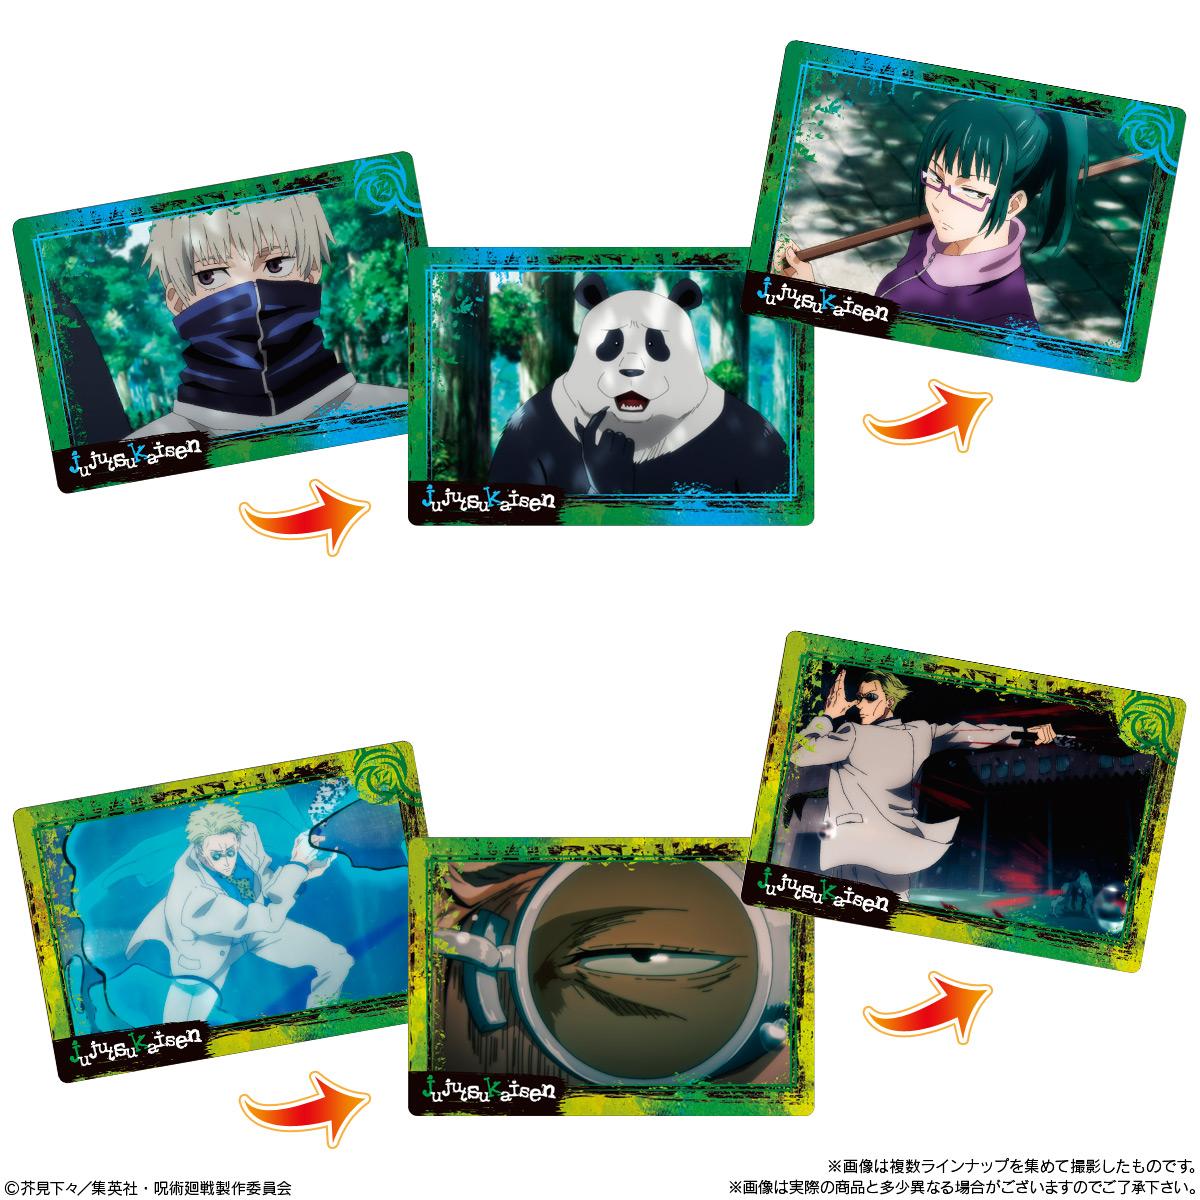 【食玩】呪術廻戦『呪術廻戦 PLAY BACKカードチョコスナック』10個入りBOX-007